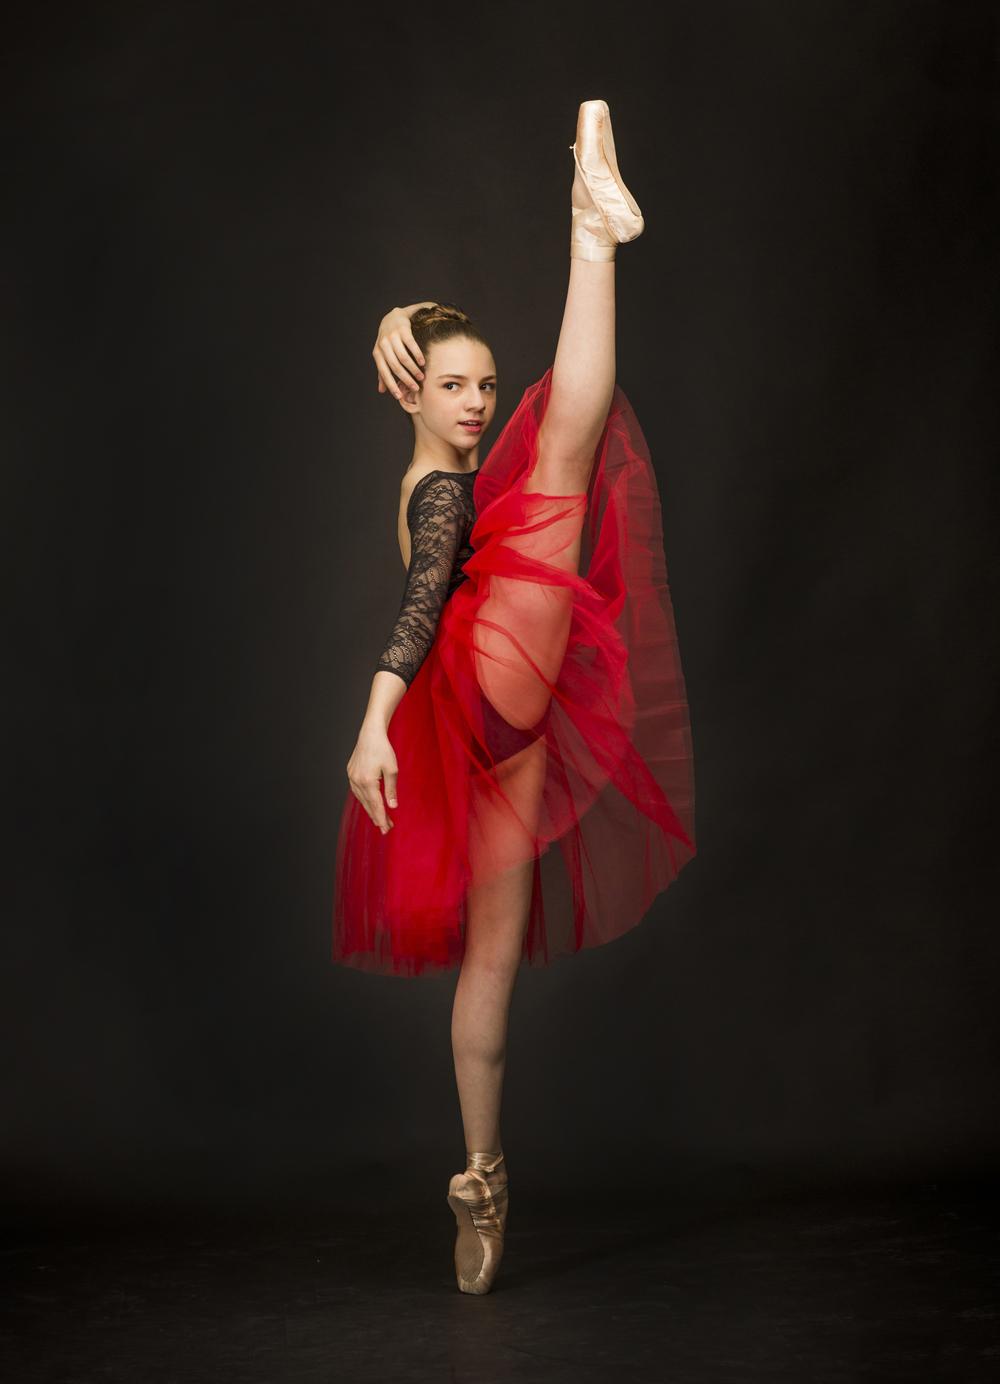 ballare1160.JPG